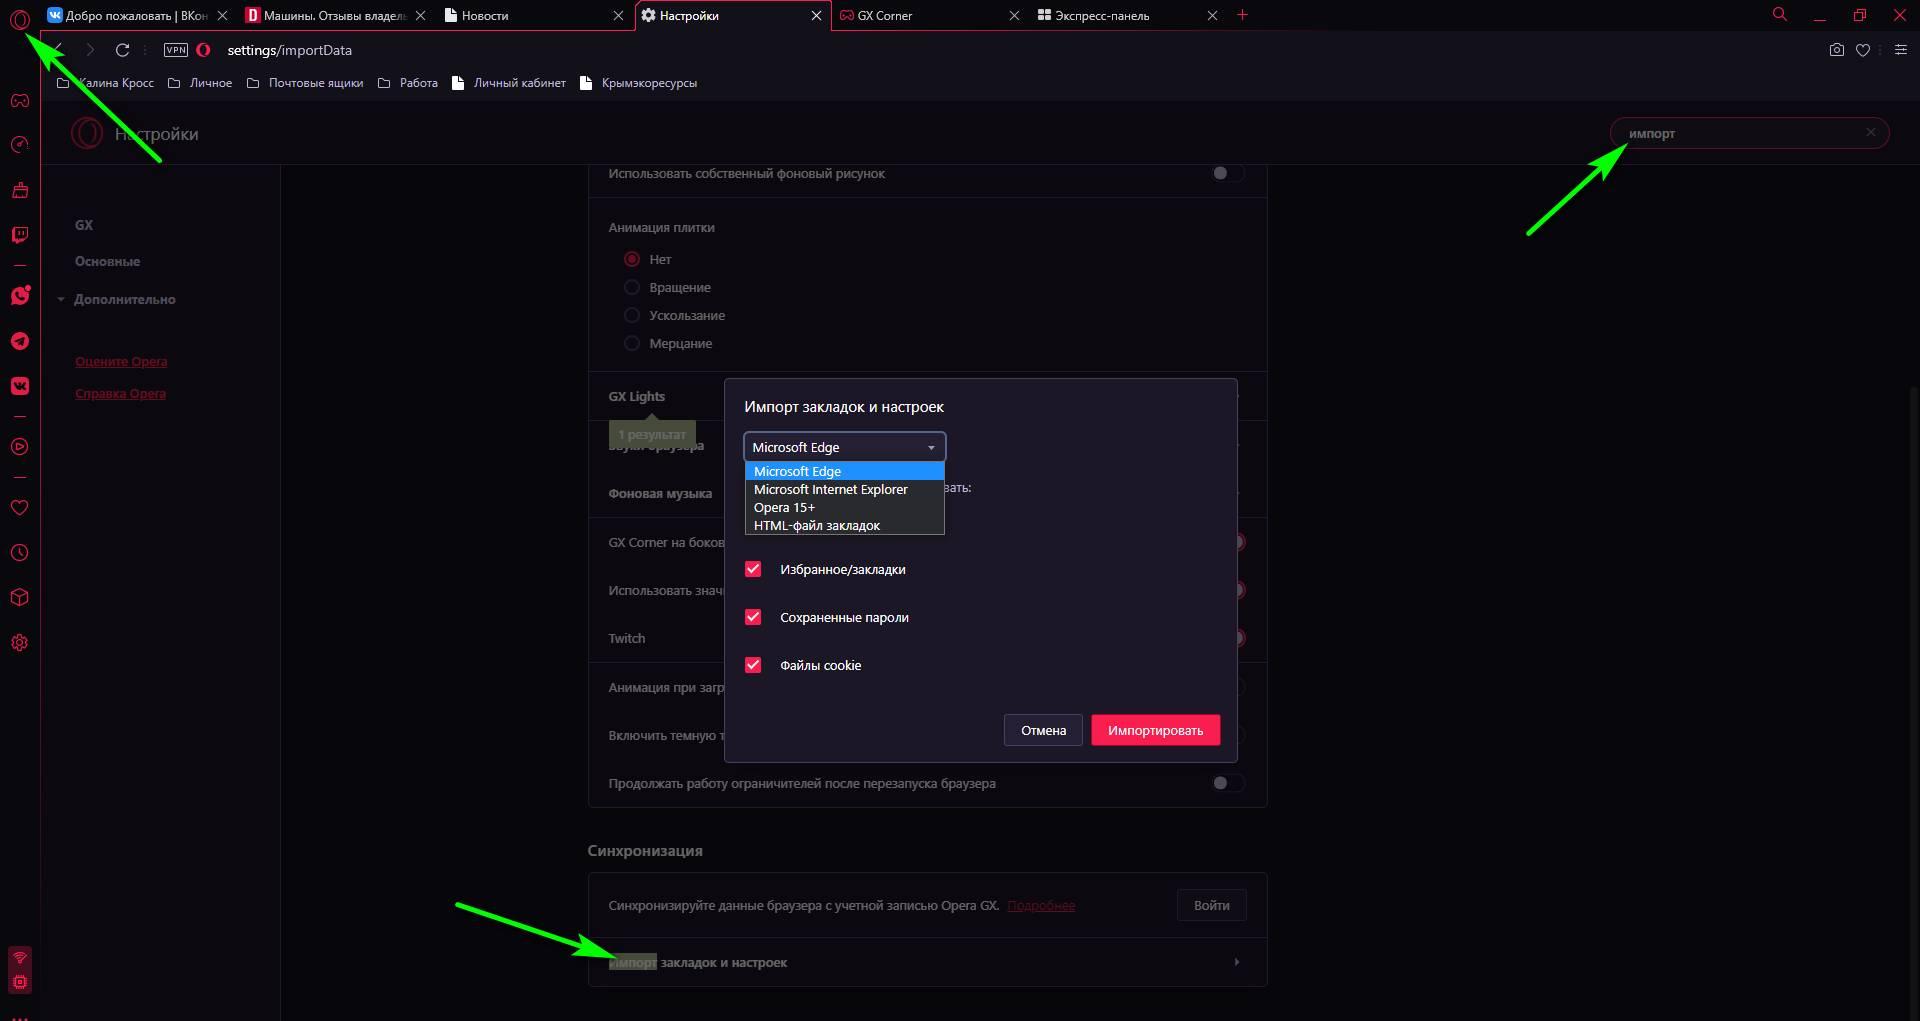 Импорт закладок и настроек в Opera GX